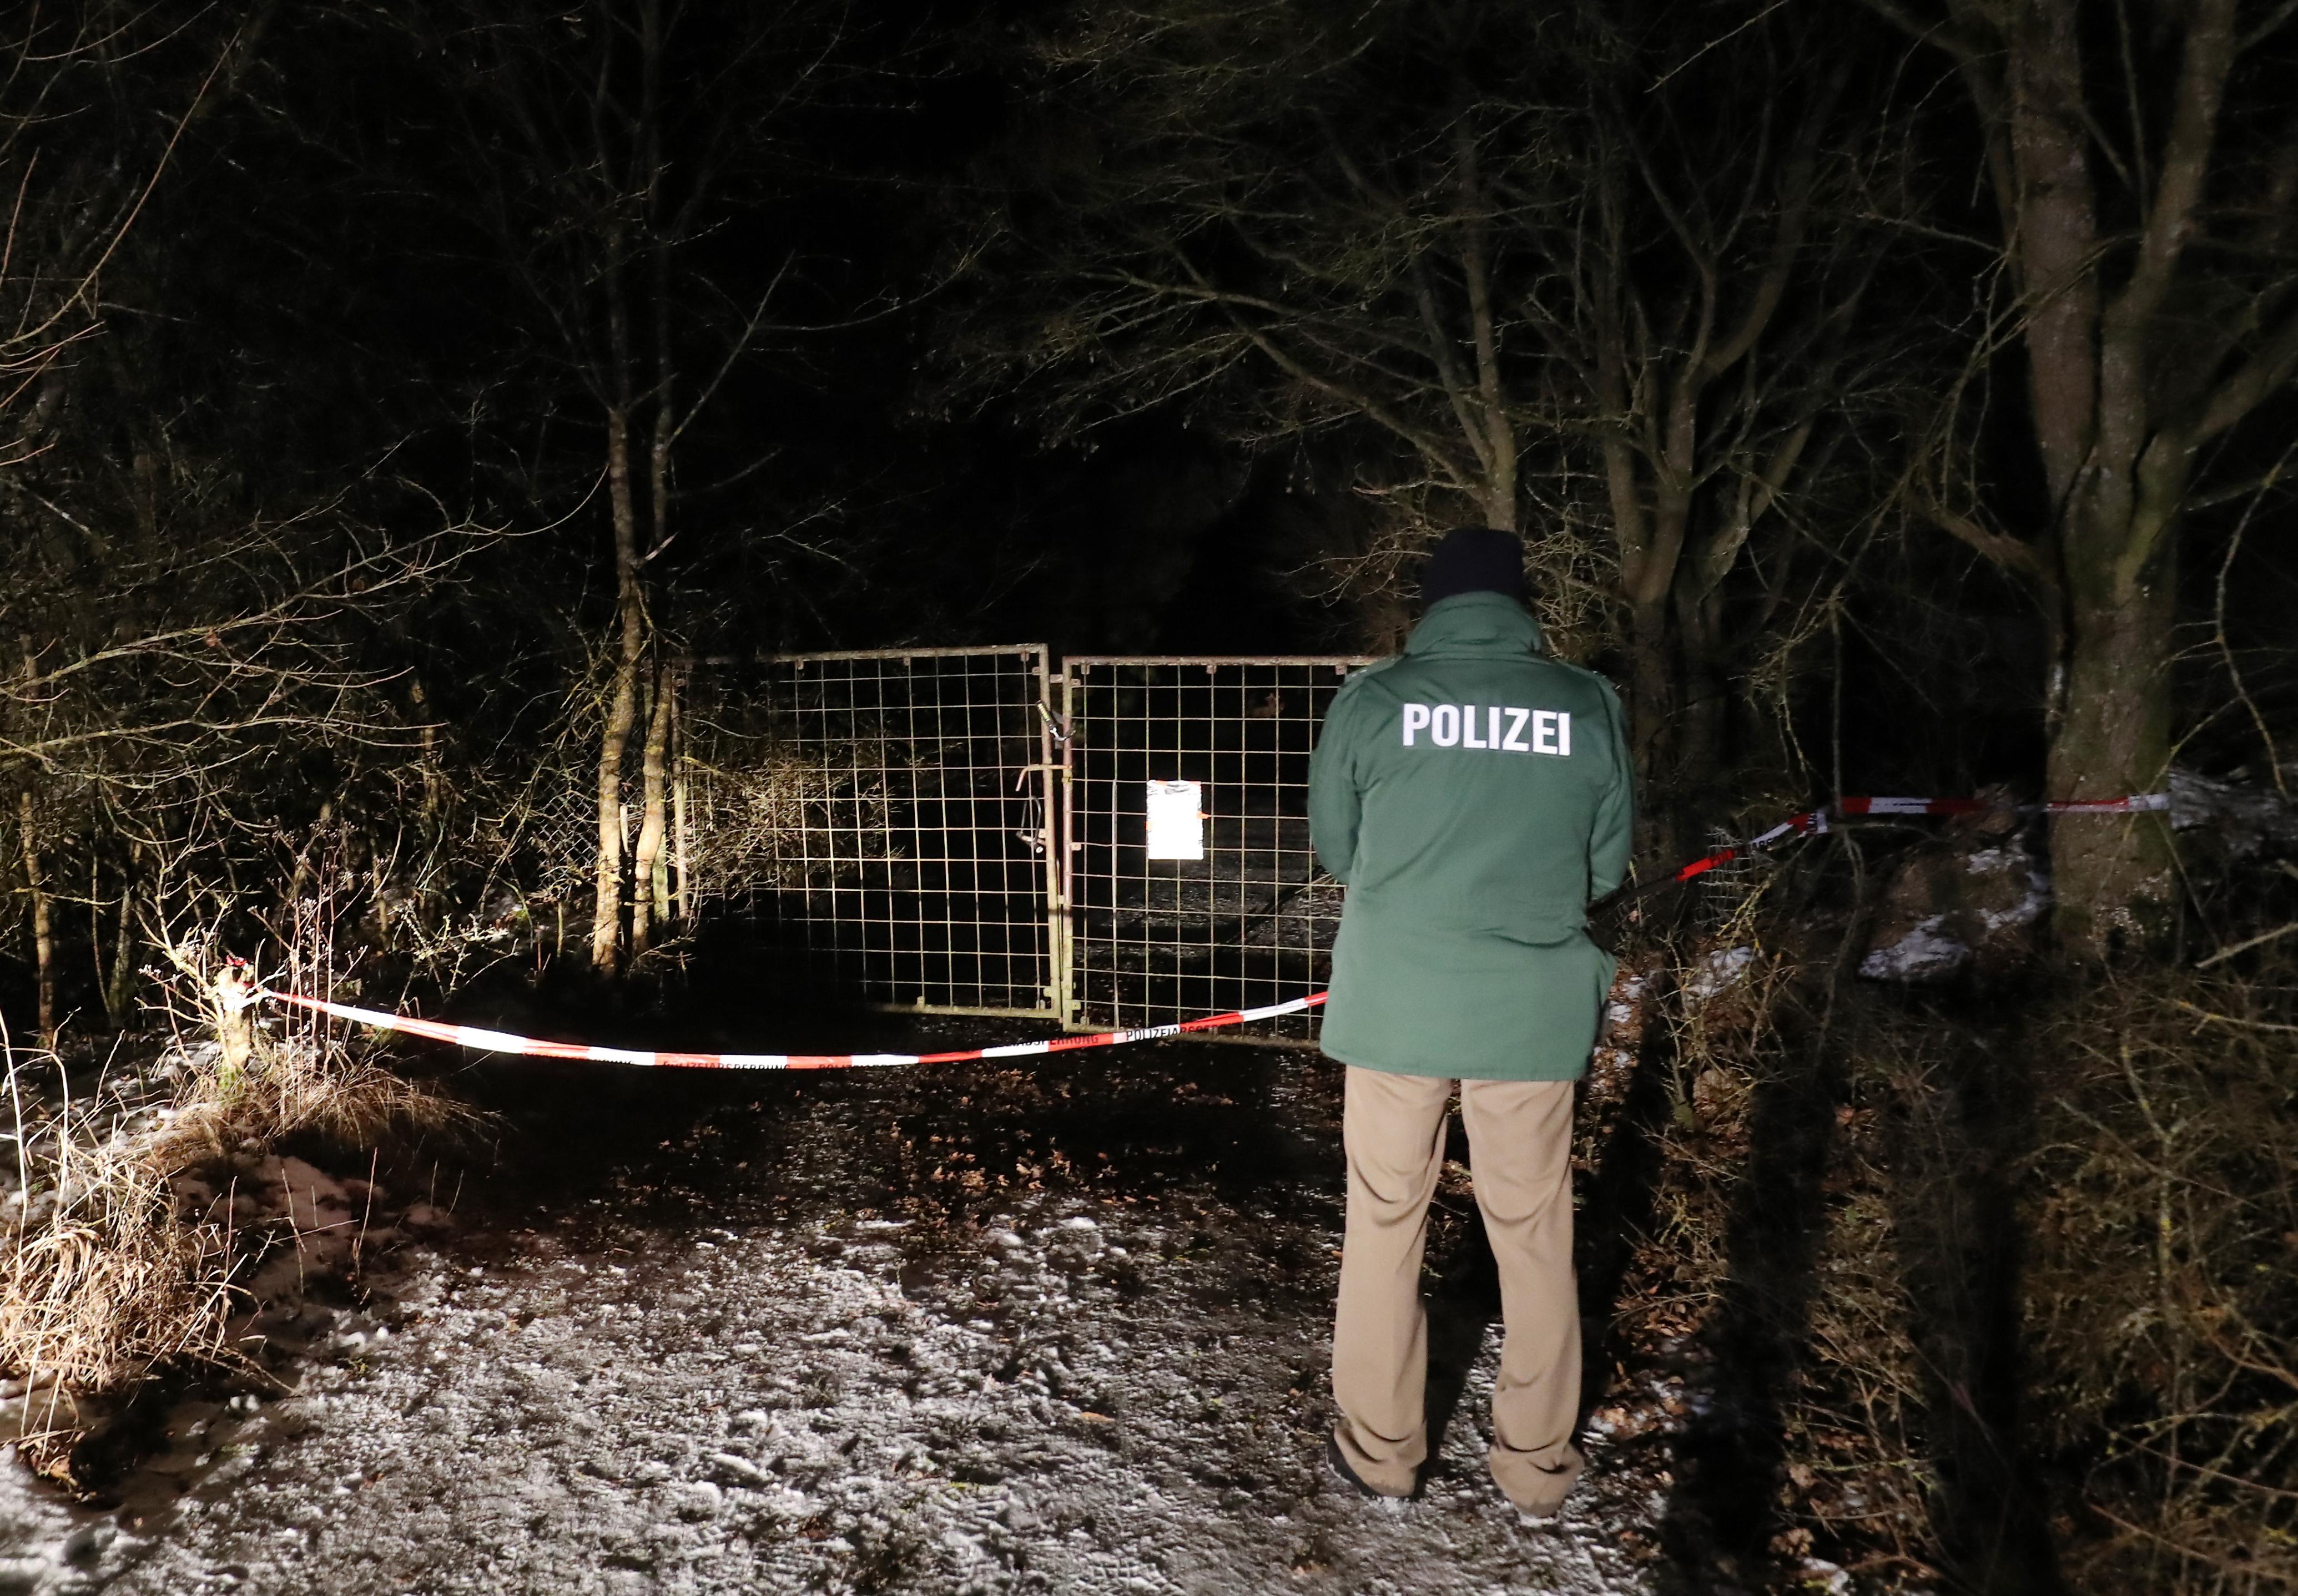 La Policía investiga la zona donde seis jóvenes murieron en una fiesta en Alemania (Foto: AFP)